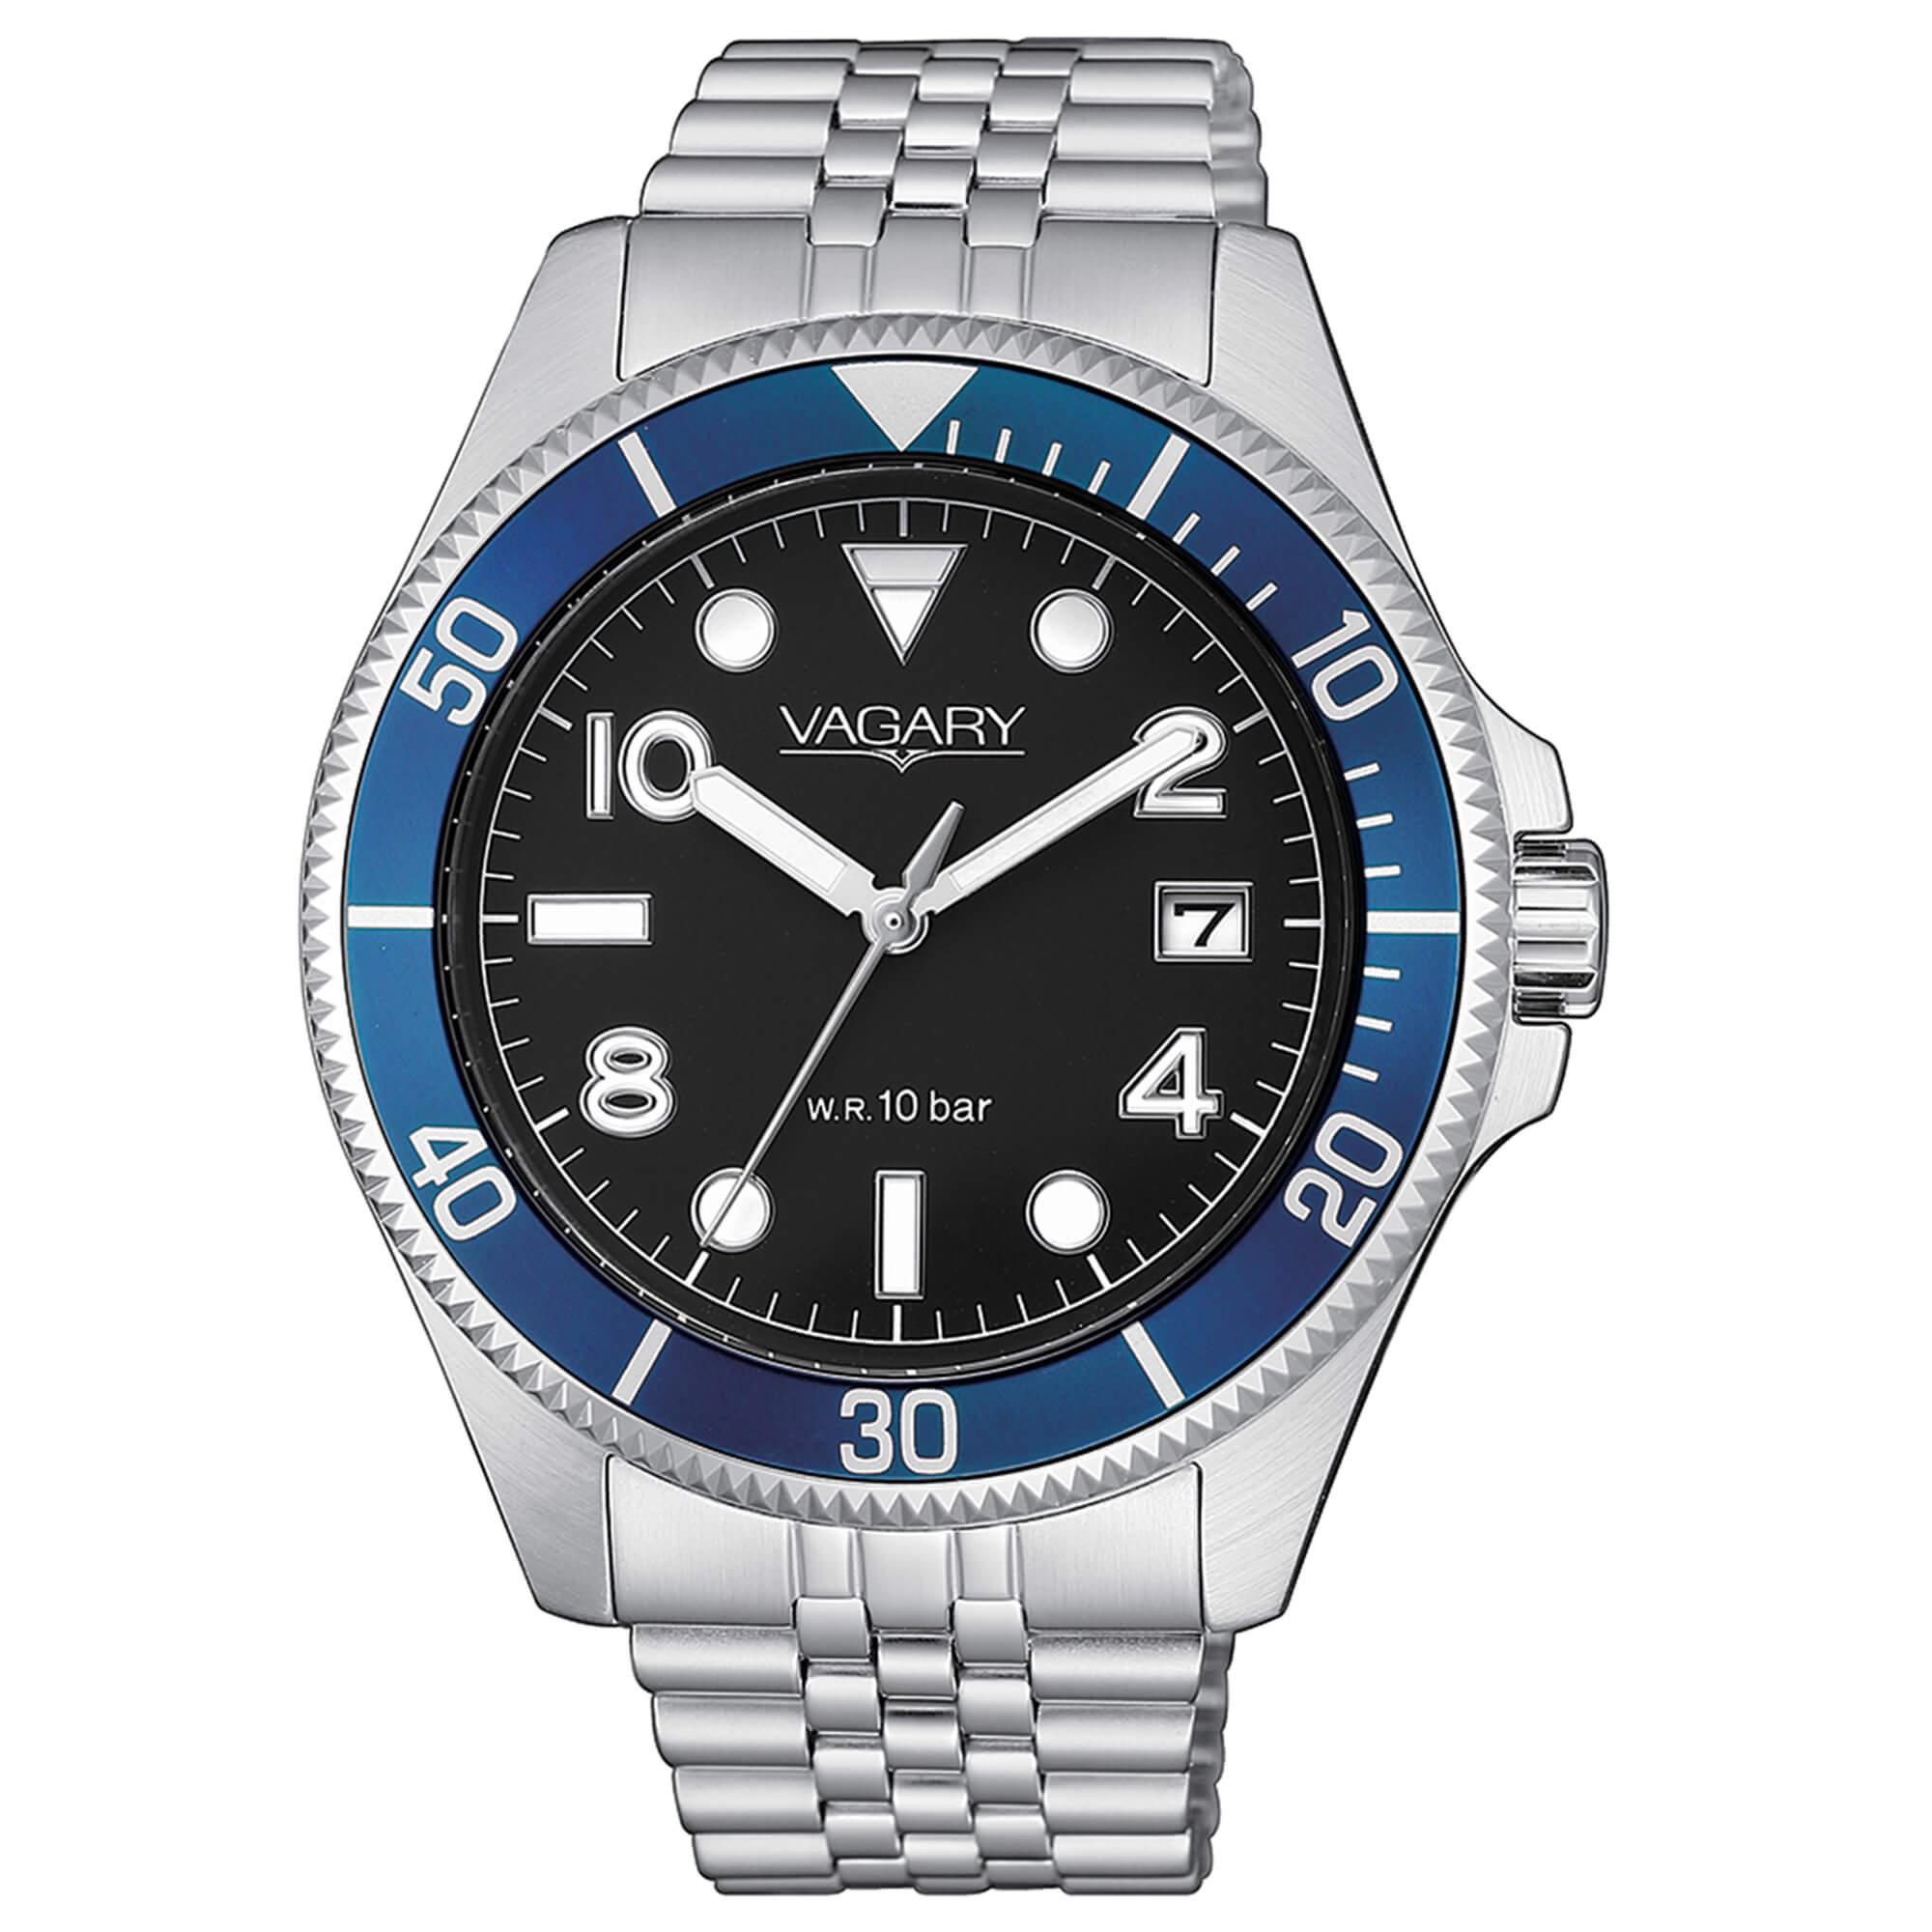 Vagary Aqua 39 Diver VD5-015-57